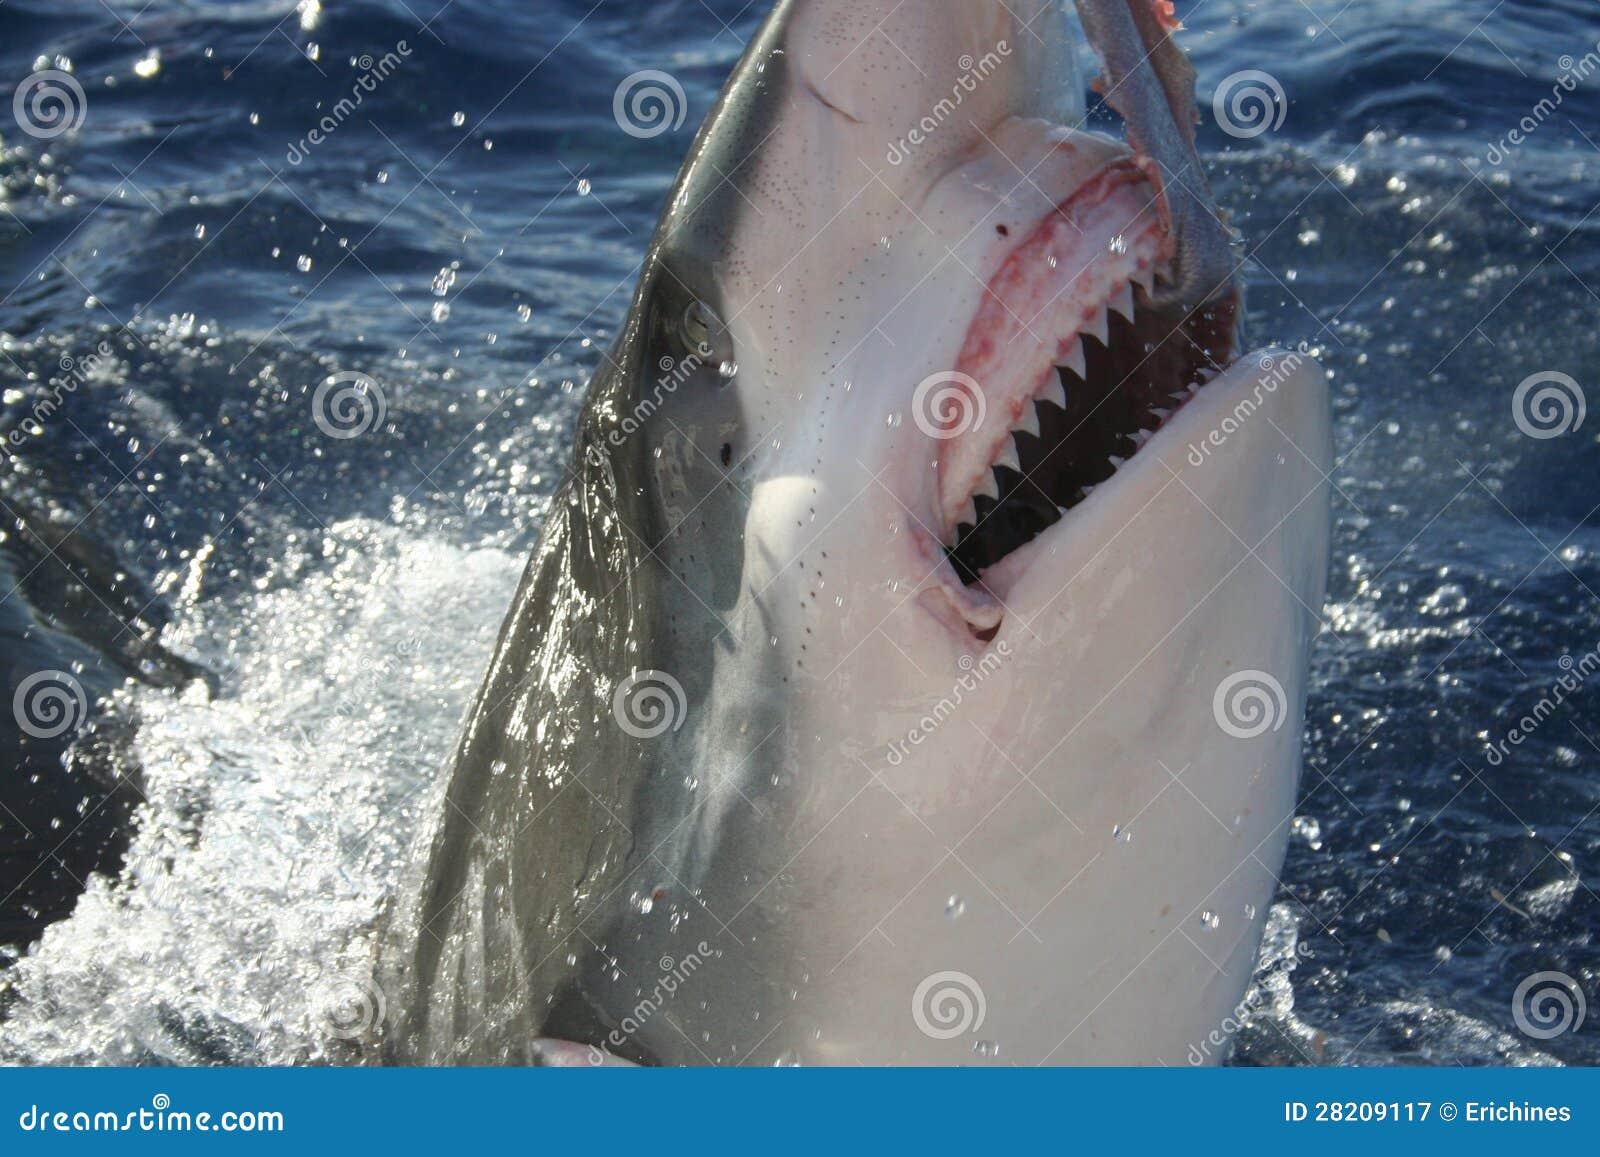 Shark Showing His Teeth